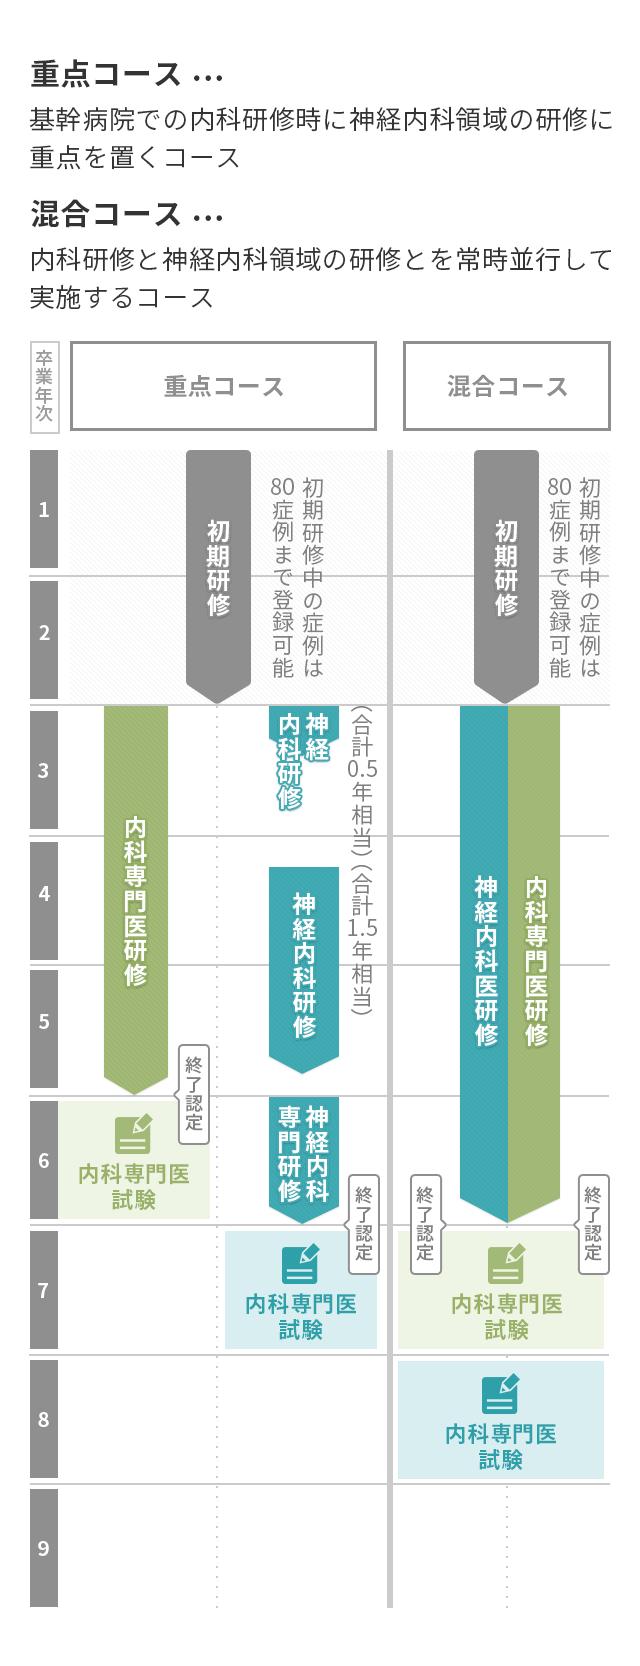 重点コースと混合コースの詳細図